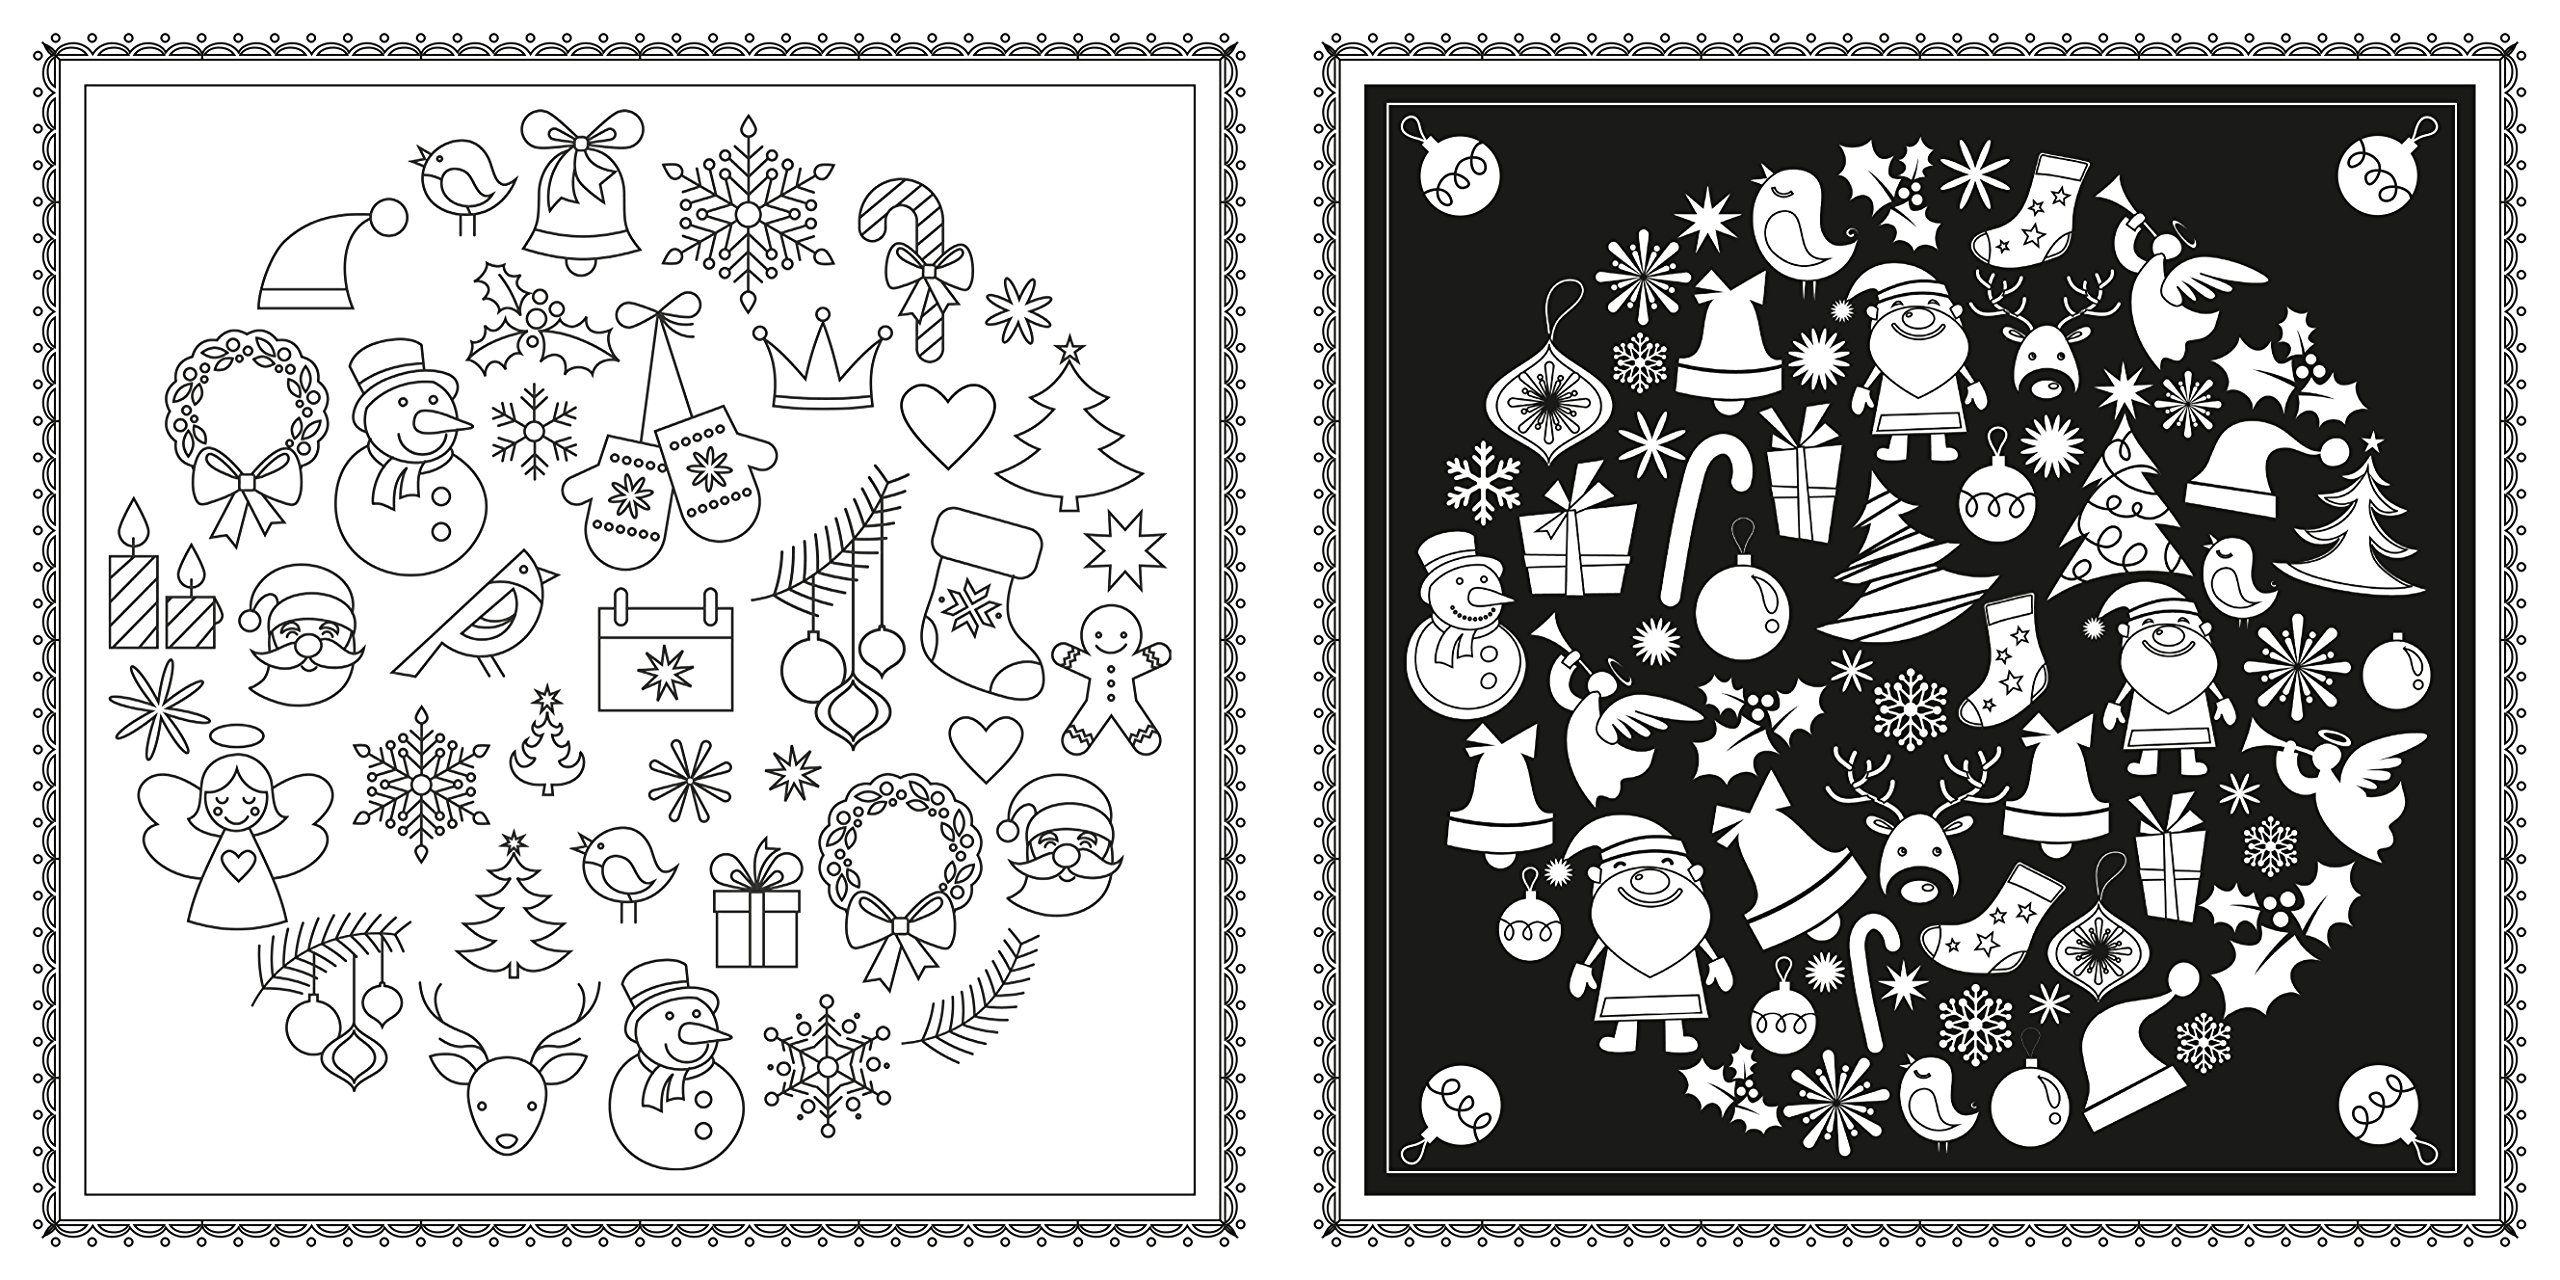 weihnachtsquiz 24 weihnachtsrätsel für erwachsene zum